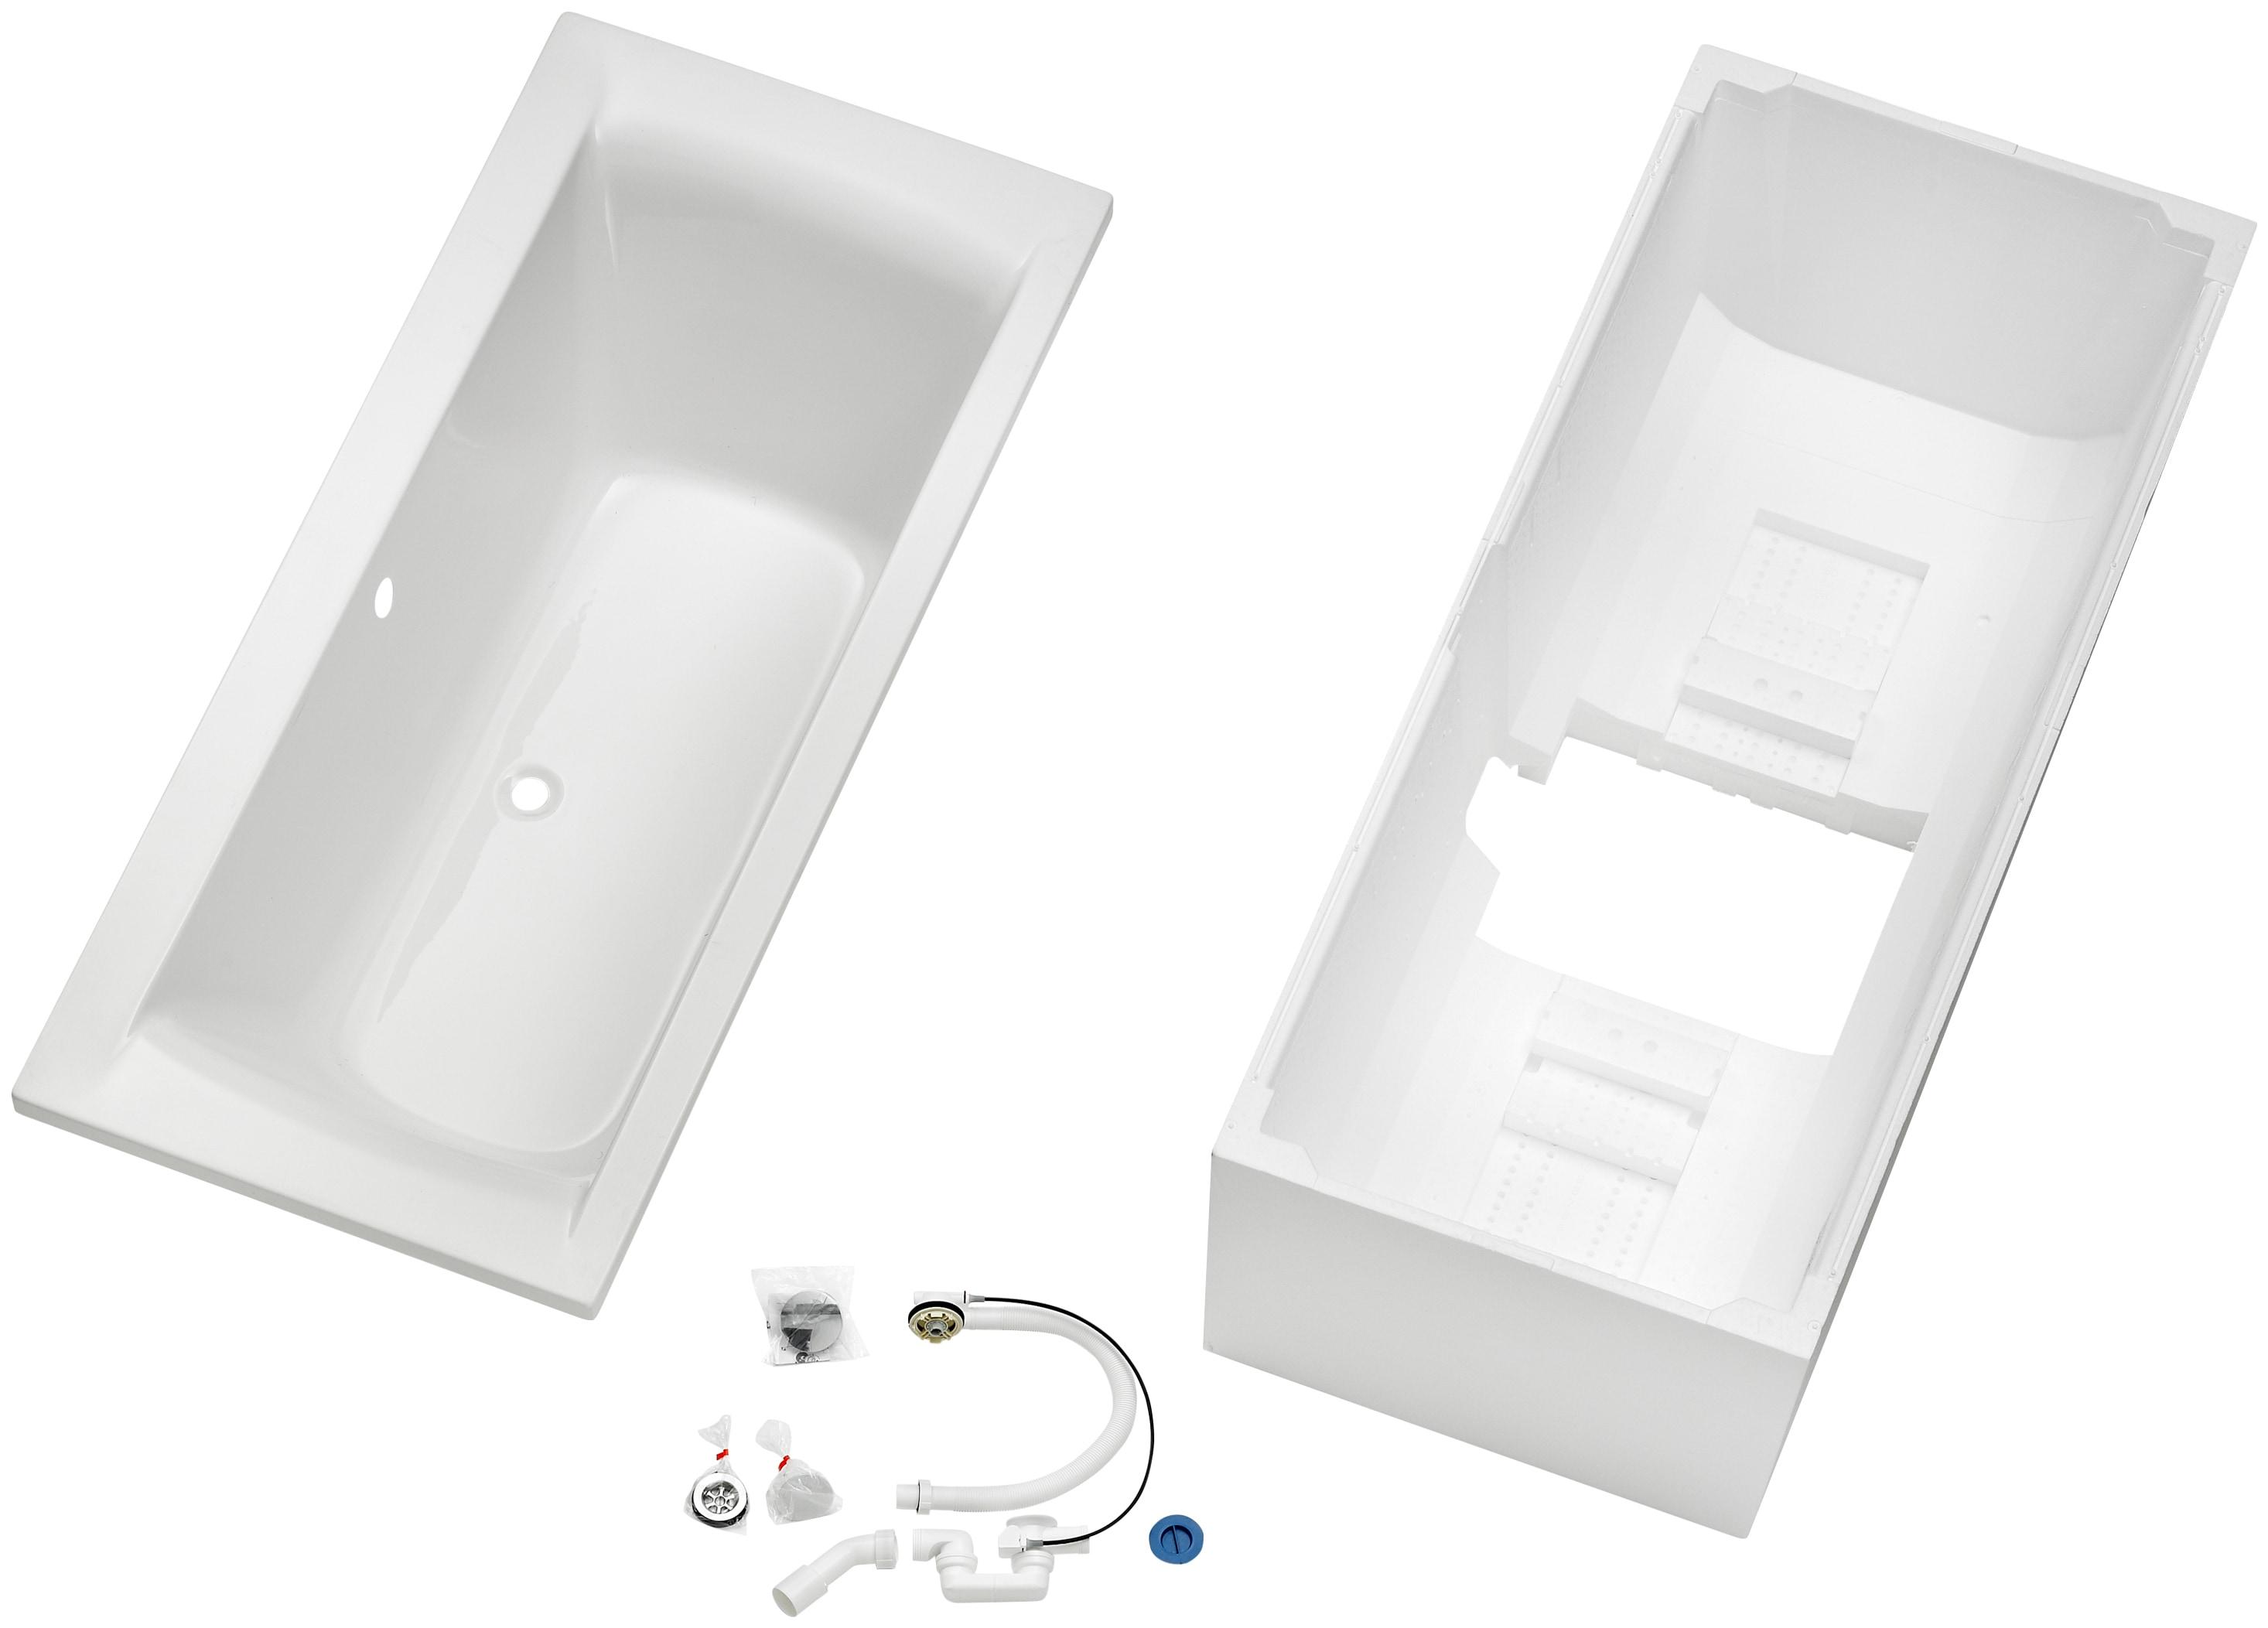 OTTOFOND Badewanne Set Duobadewanne, 1700/800 mm, Duobadewanne weiß Badewannen Whirlpools Bad Sanitär